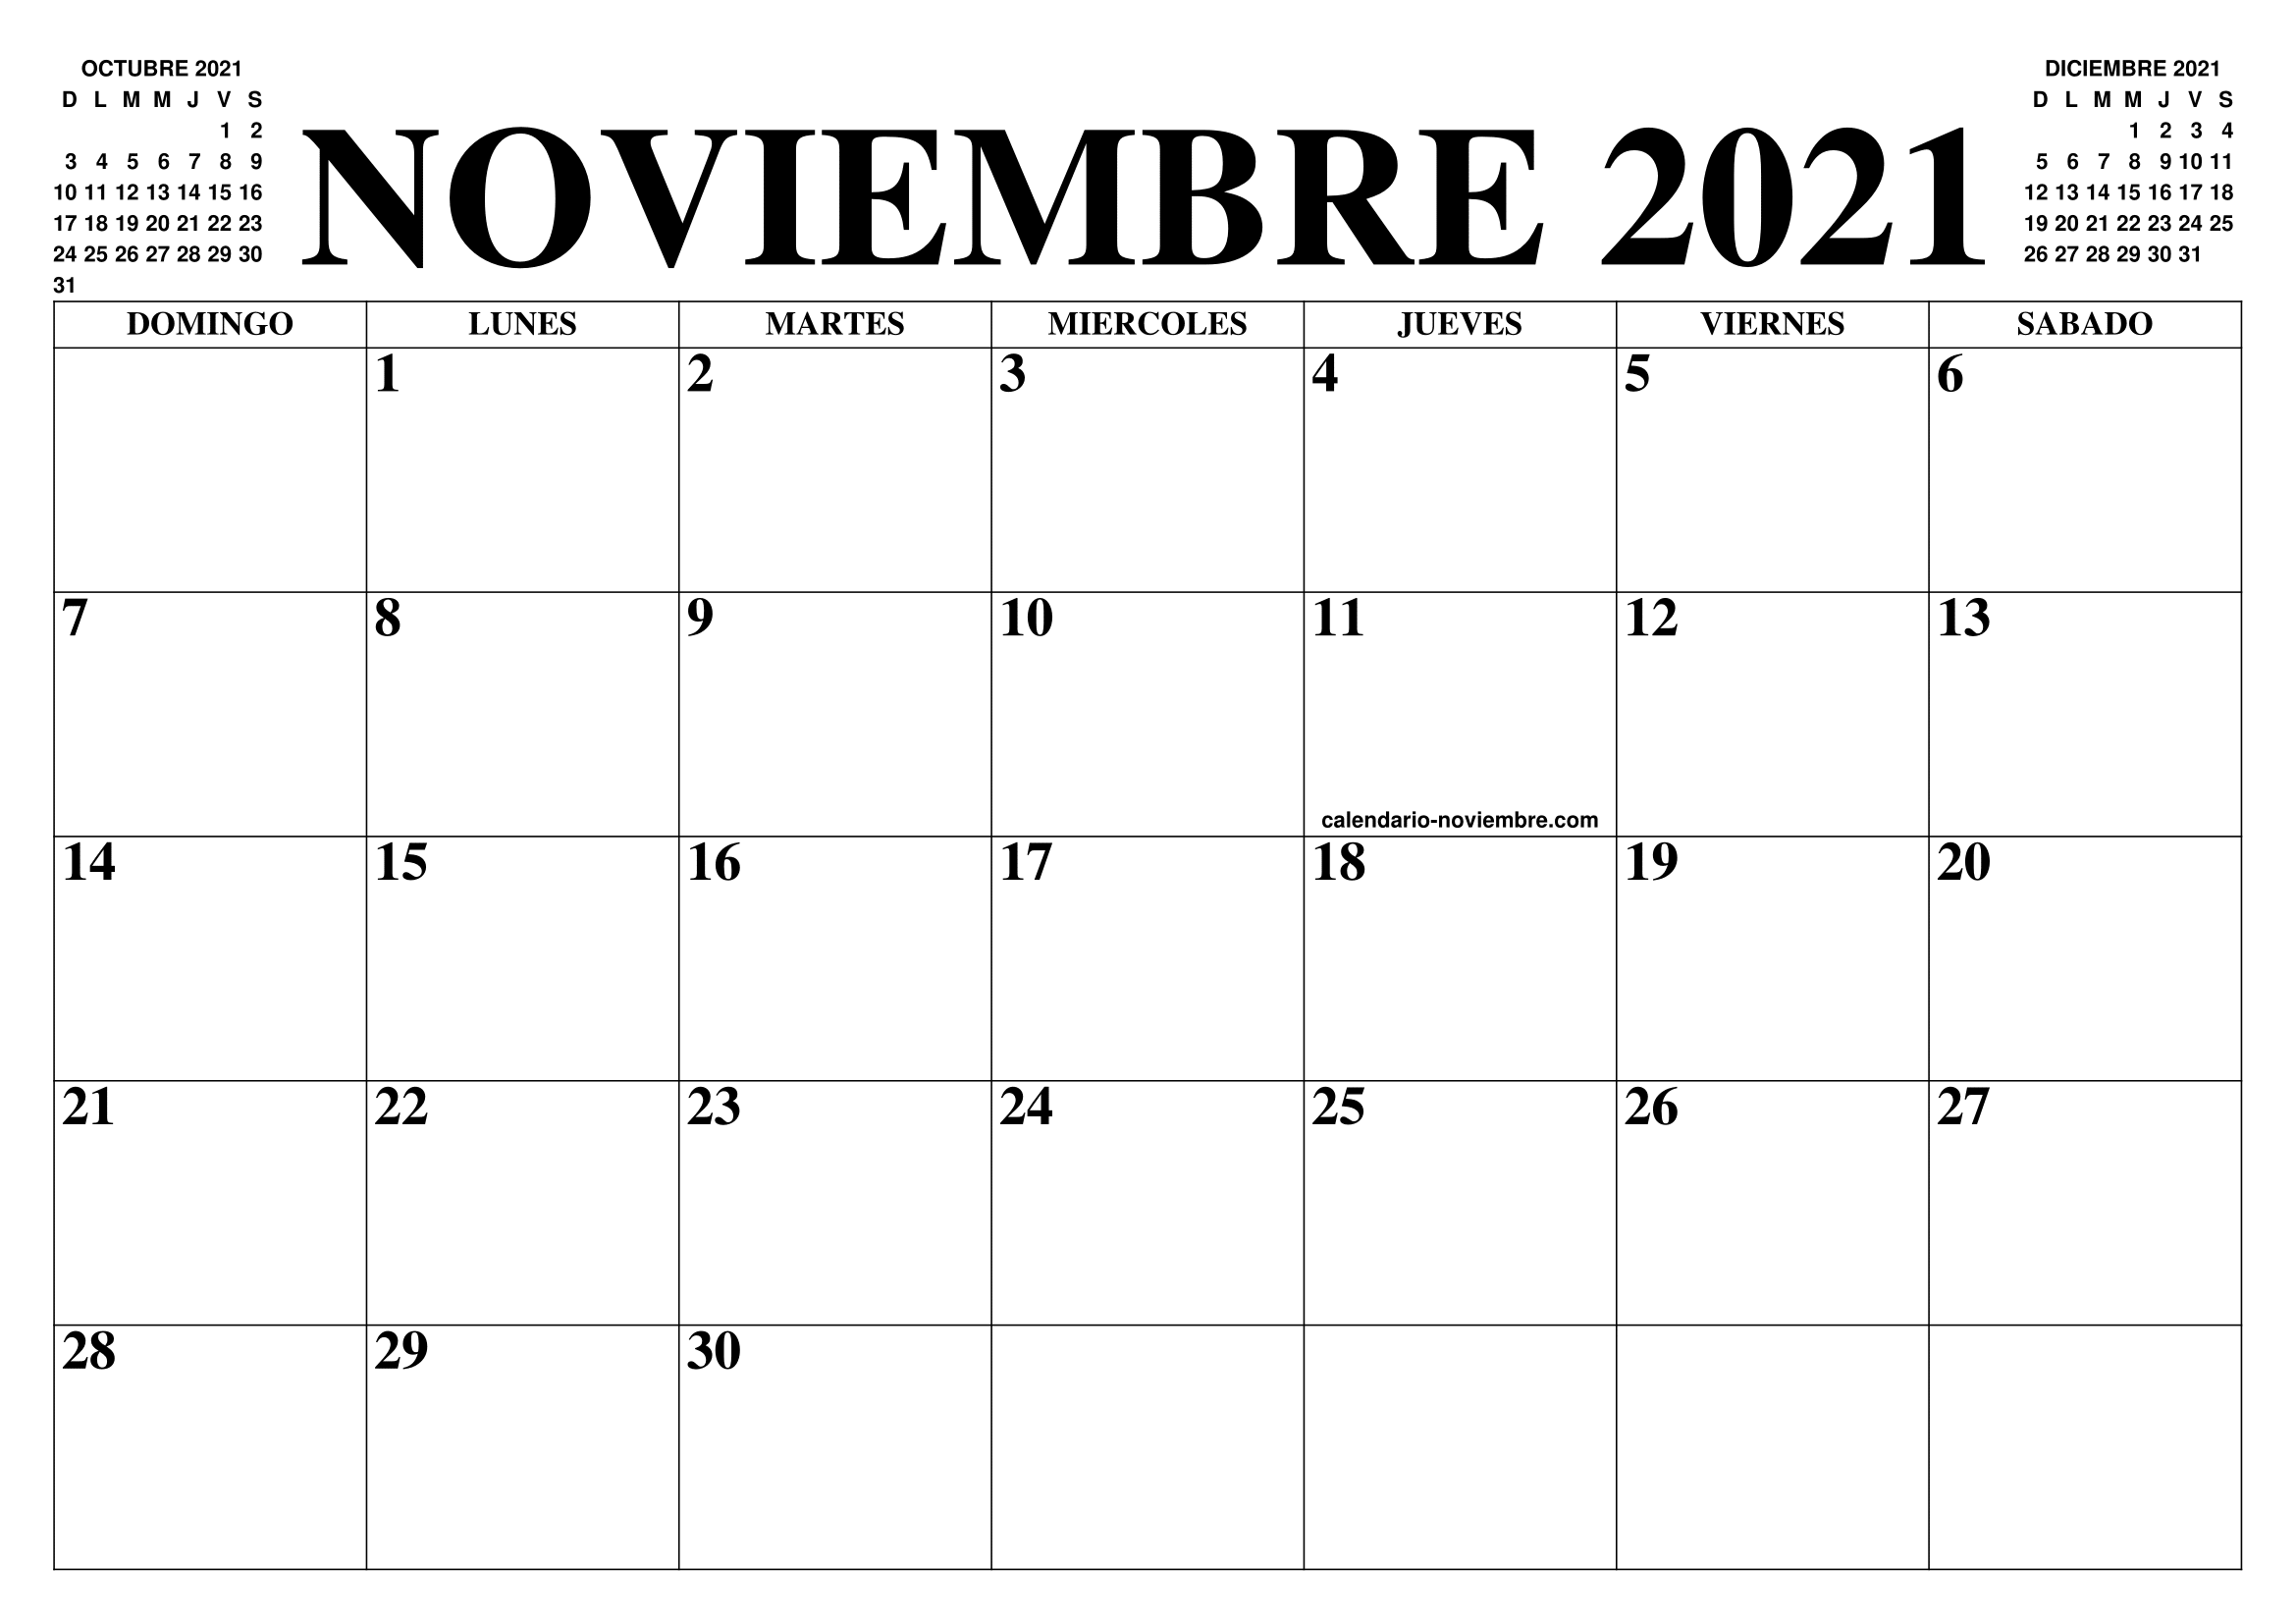 CALENDARIO NOVIEMBRE 2021 : EL CALENDARIO NOVIEMBRE PARA IMPRIMIR